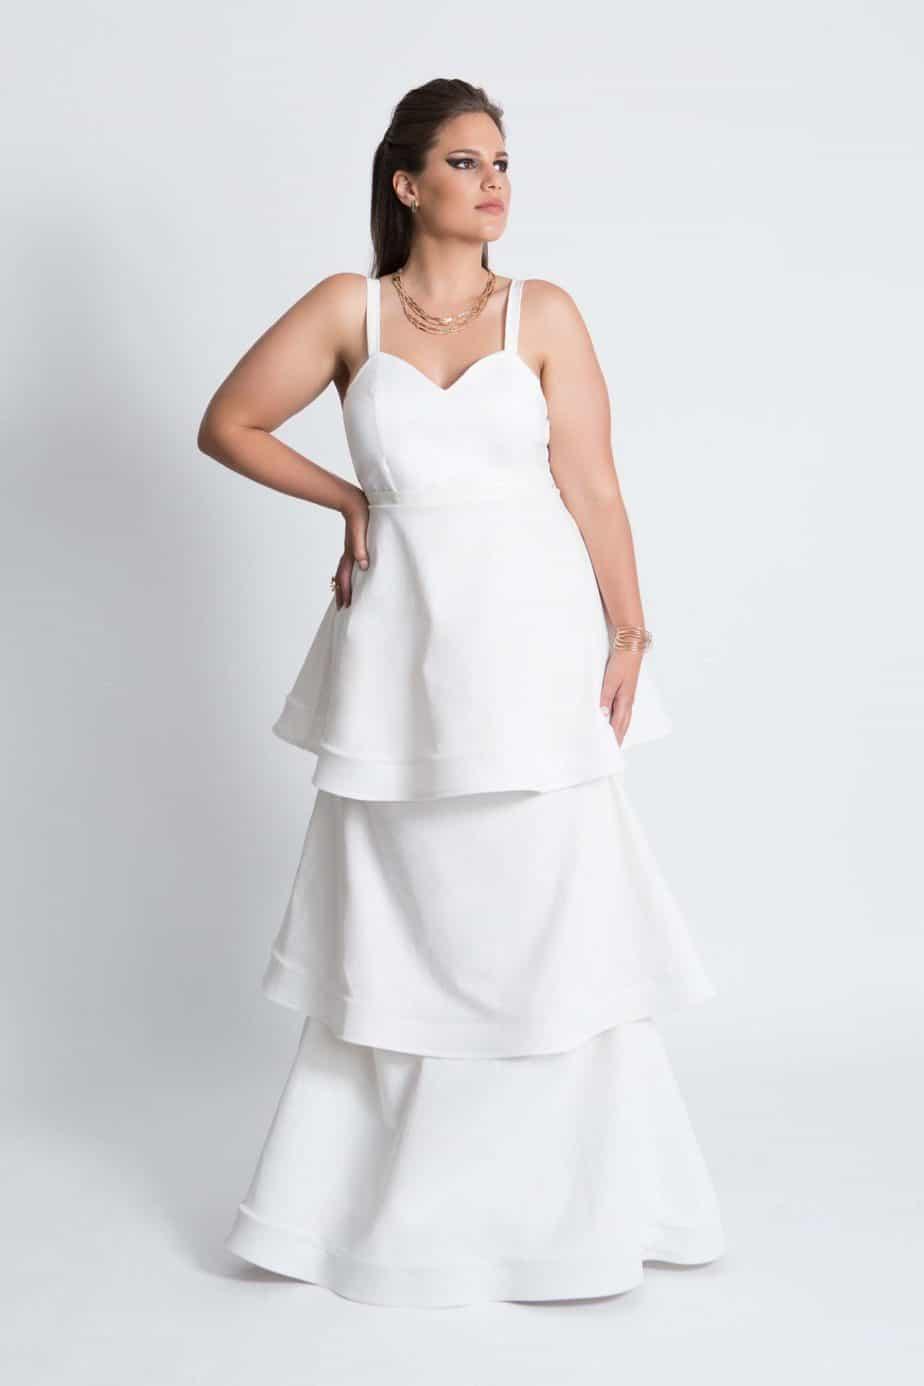 שמלה של רז אלנתן, צילום יח״צ - 5